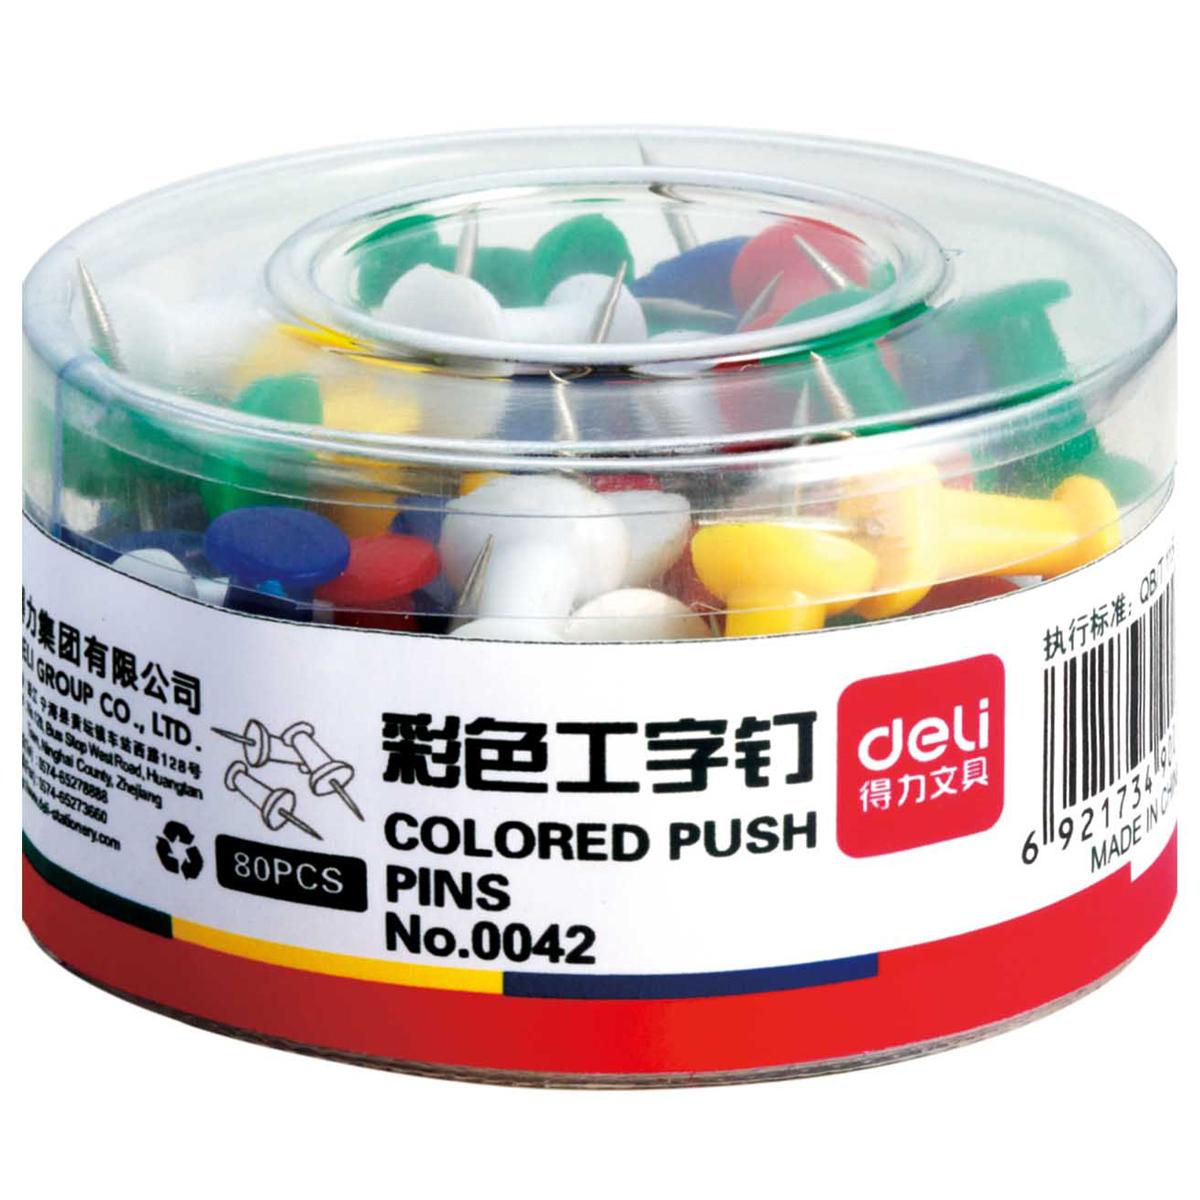 得力0042盒装彩色工字钉金属不锈钢绘画软木板留言板图钉80枚包邮